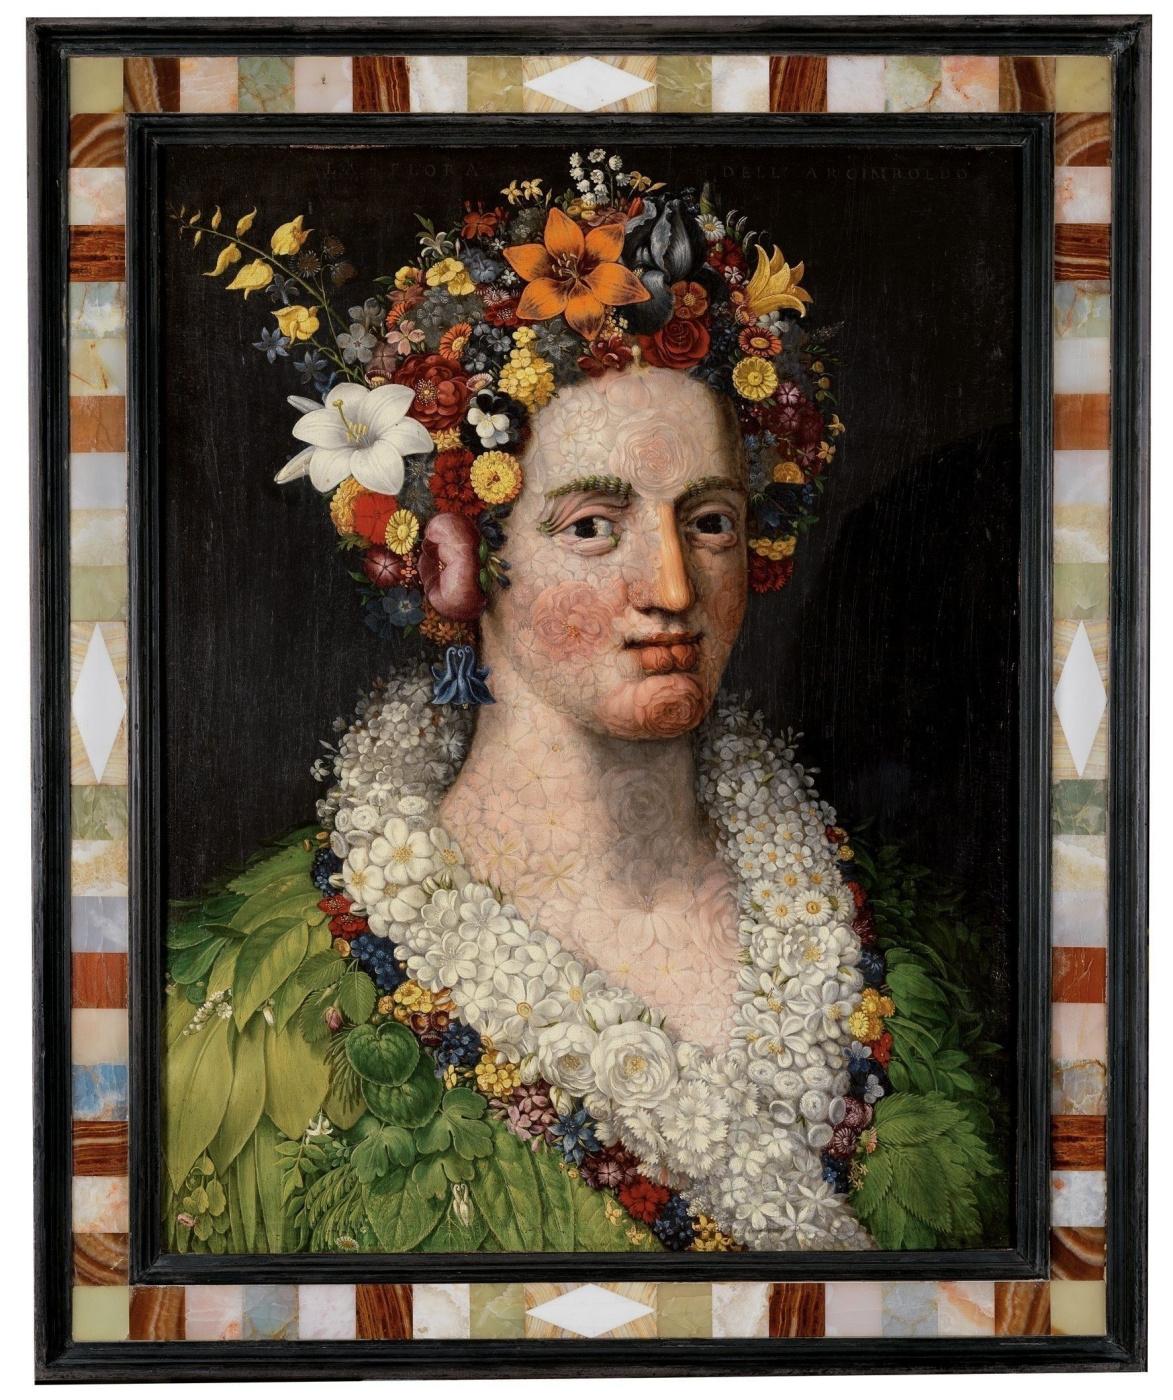 Съедобные и благоухающие: картин Арчимбольдо в Вене стало больше - «Флоры» в гостях